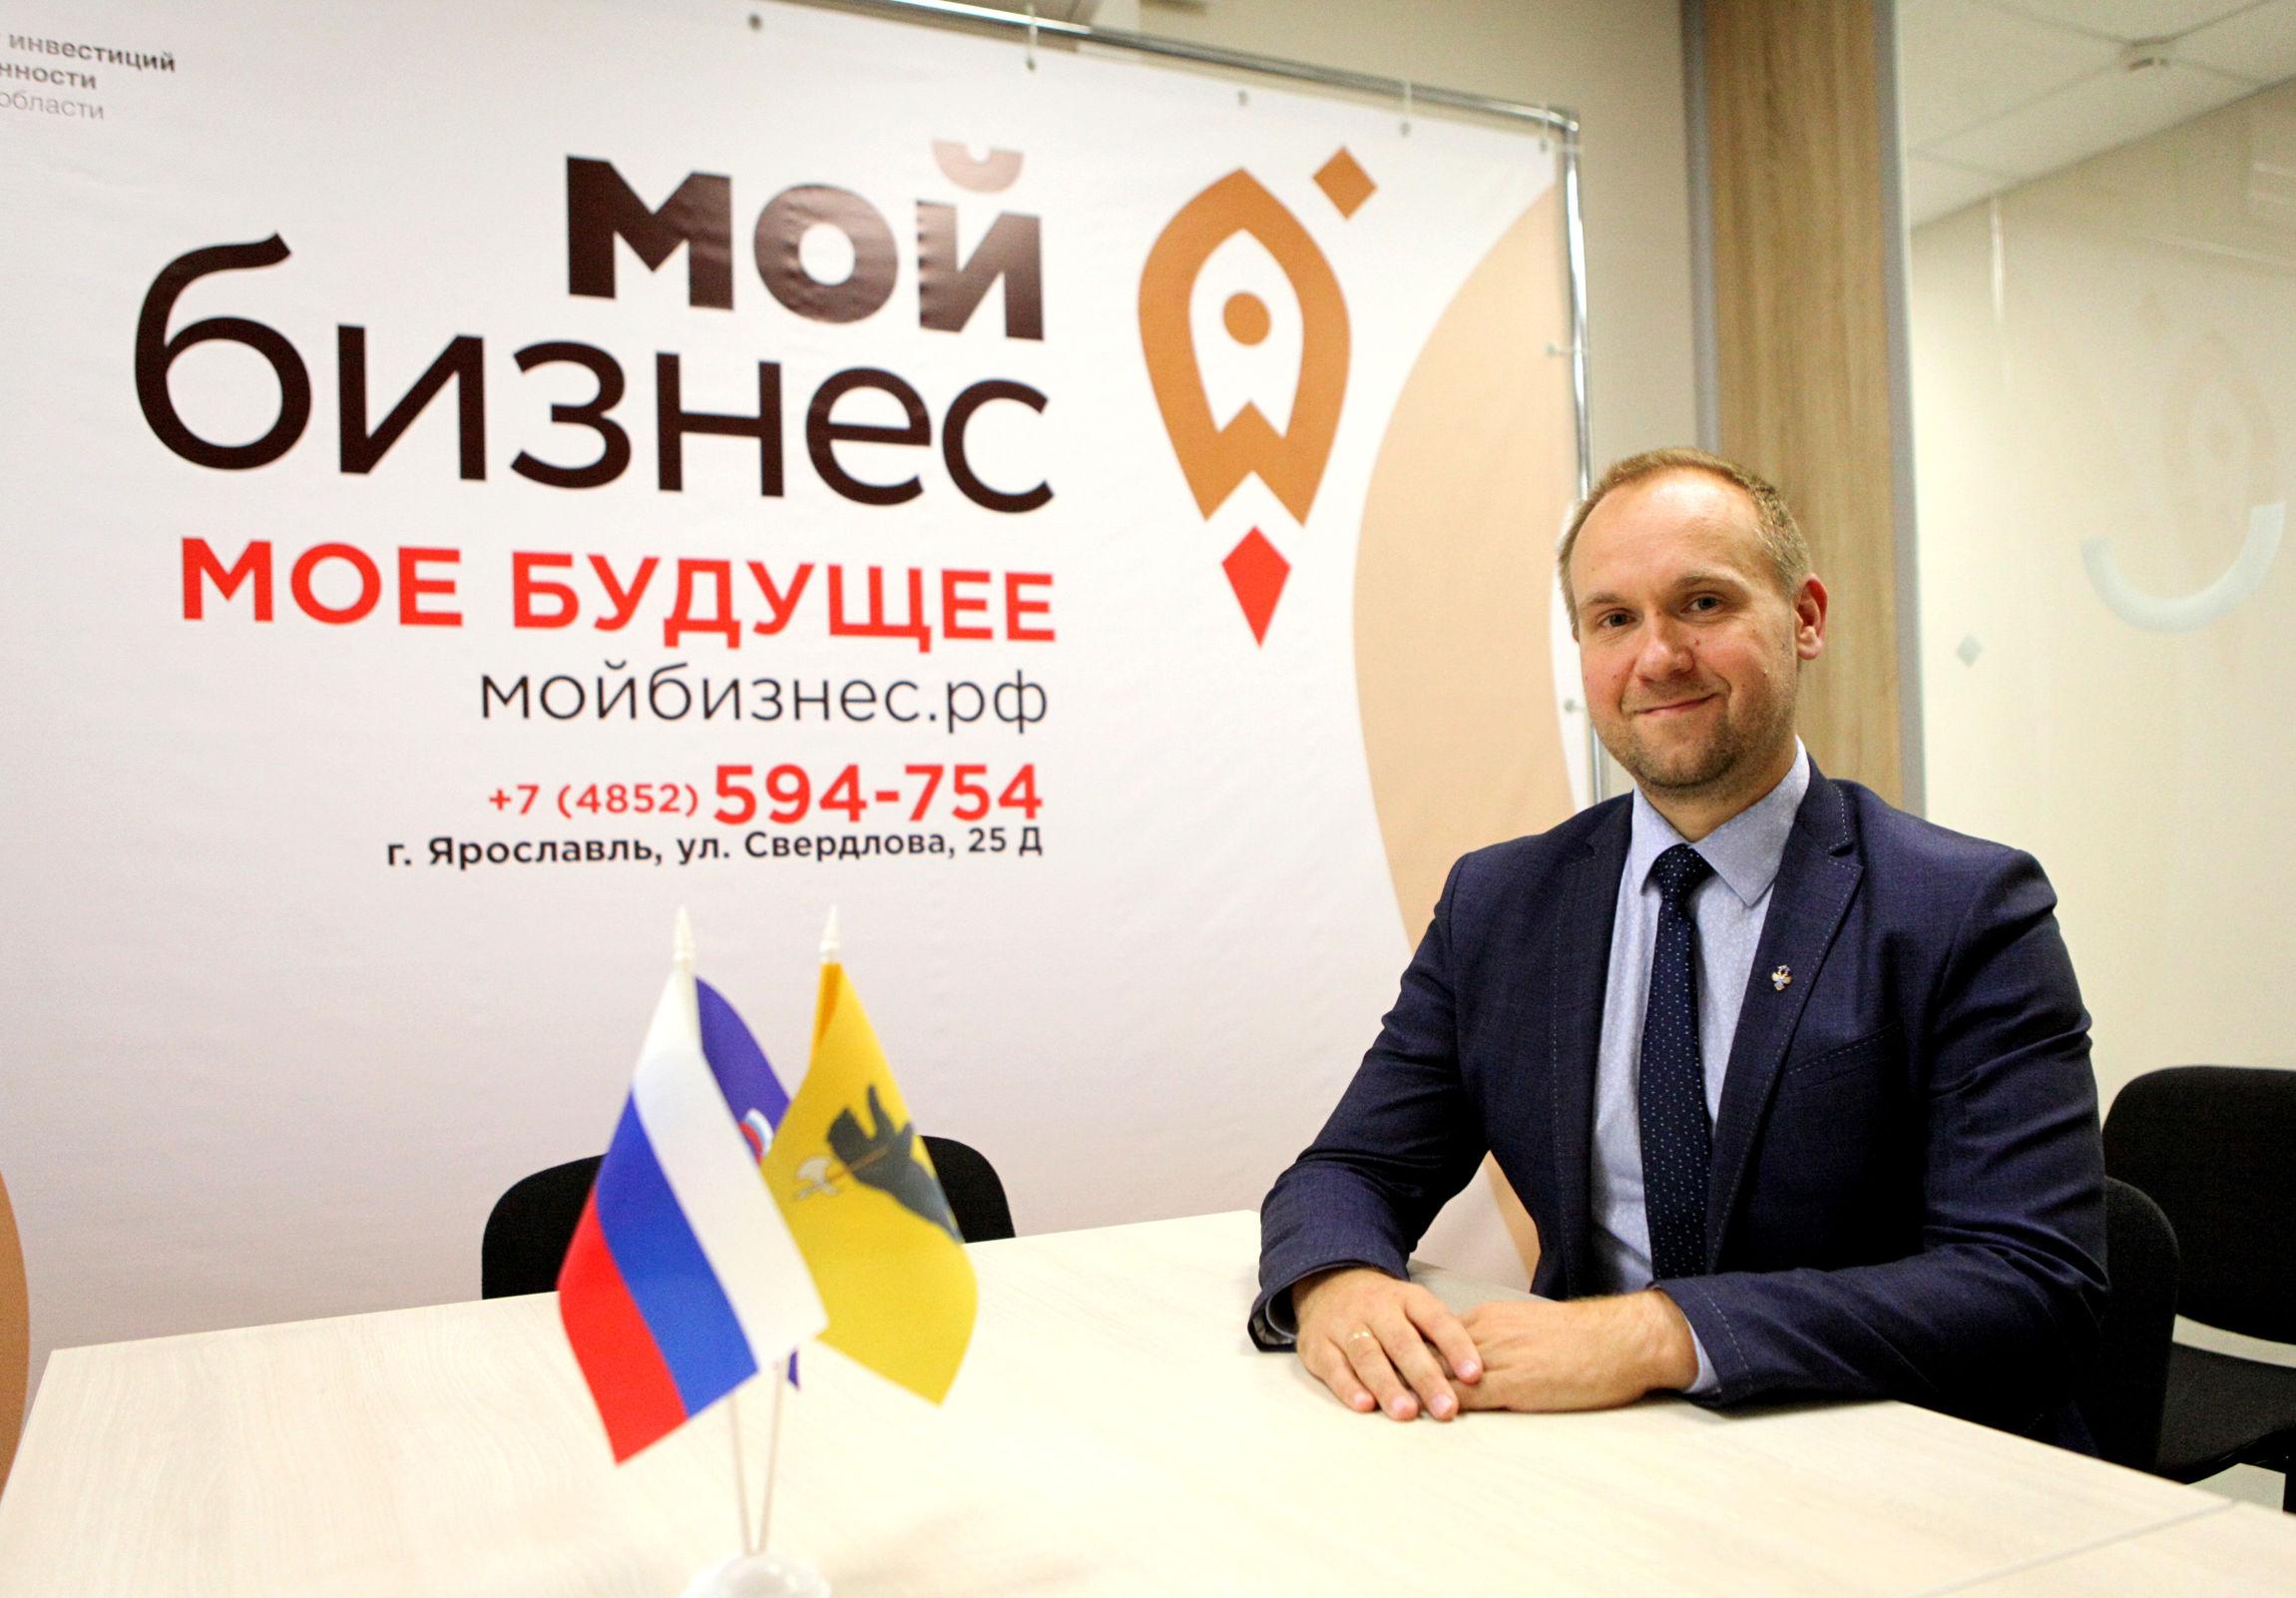 Кислород для экономики. Фонд поддержки малого и среднего предпринимательства Ярославской области фиксирует рост обращений